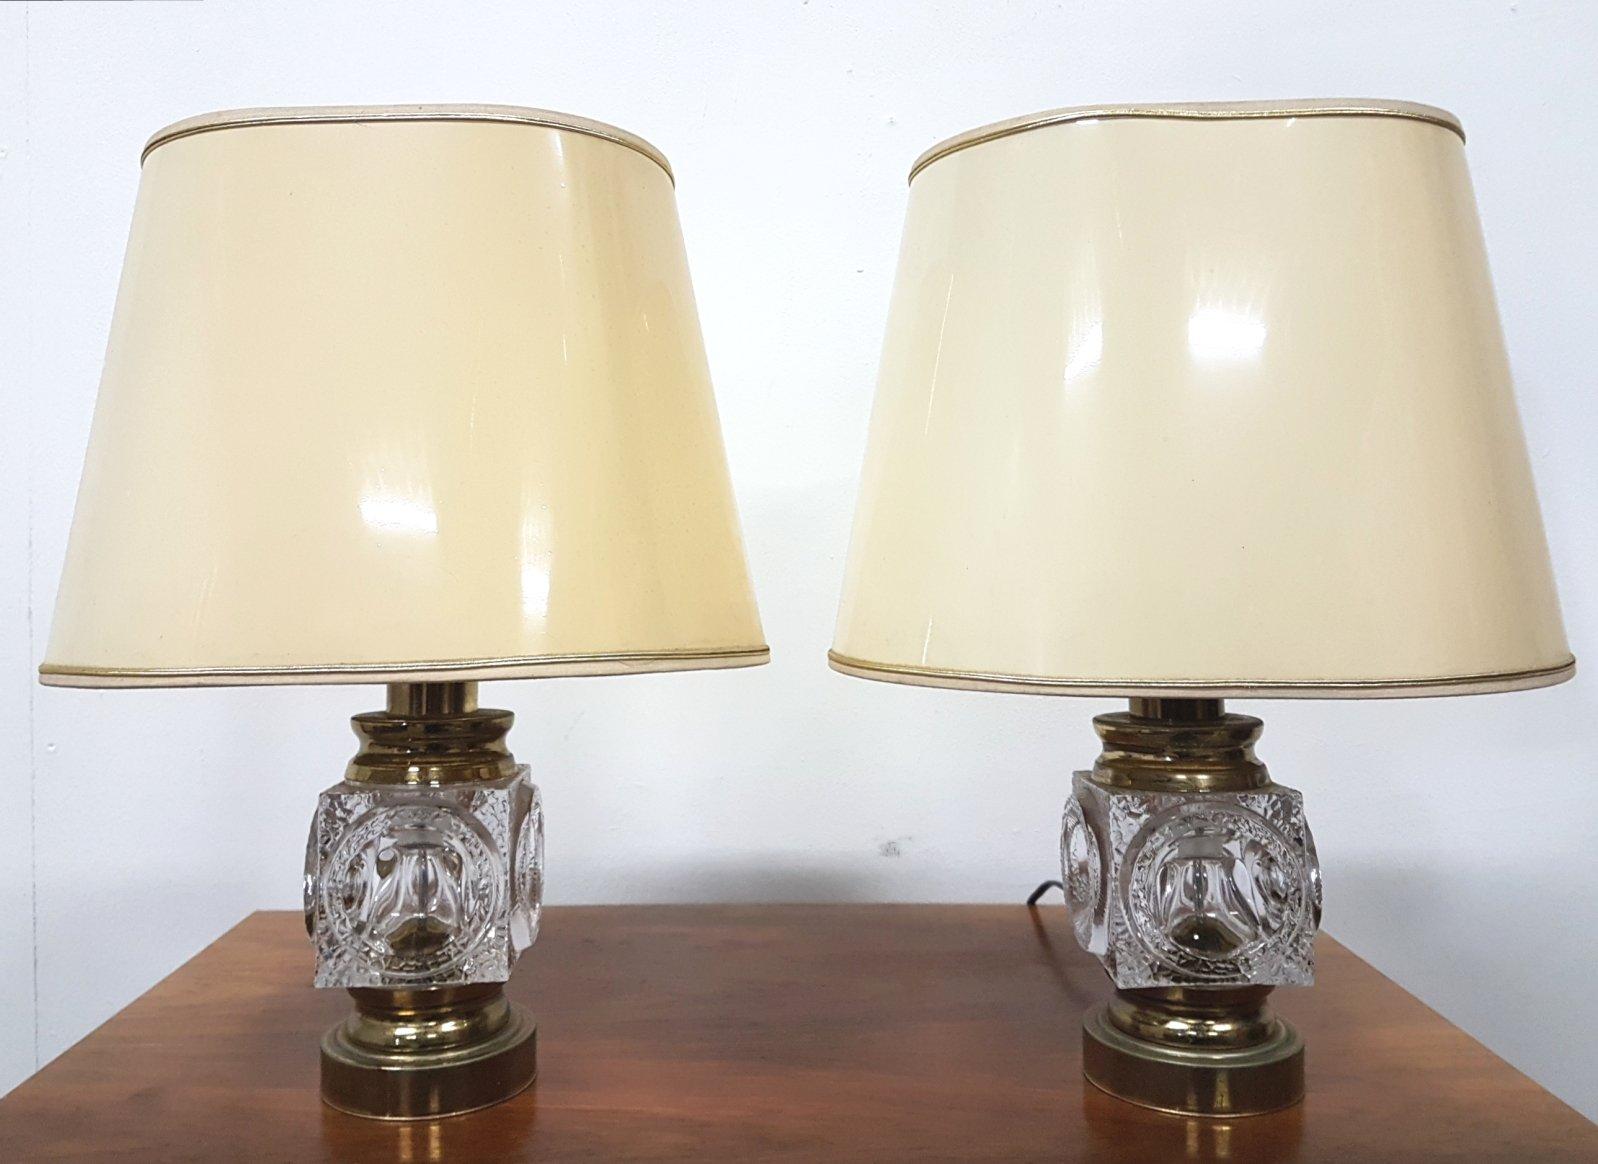 Illuminazione da interno set di stile vintage in ottone anticato